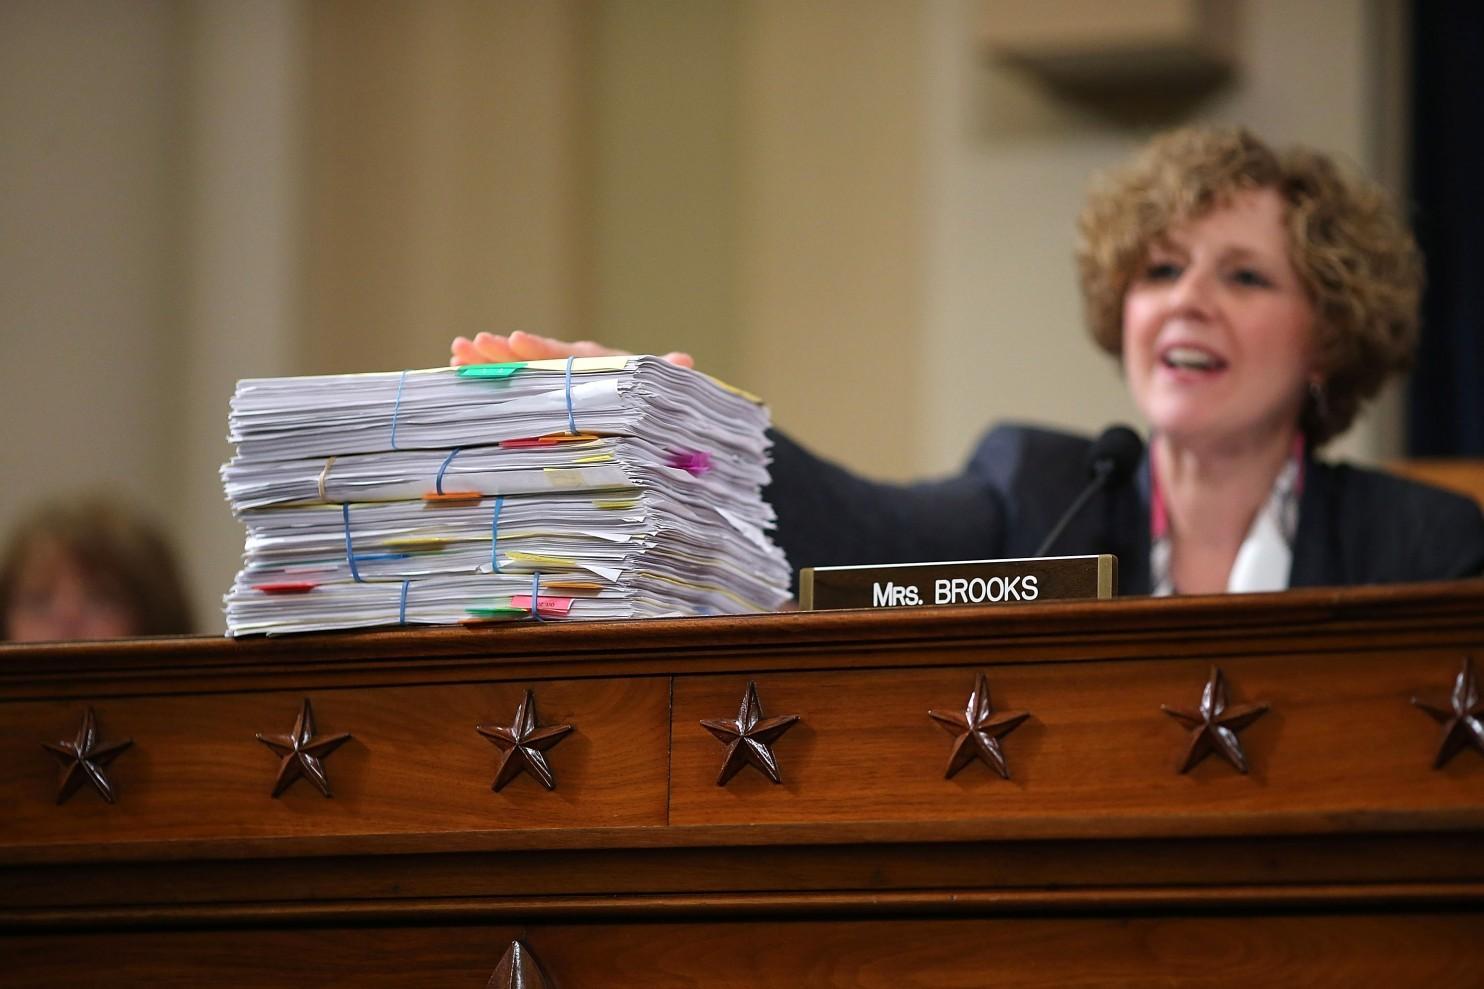 La représentante républicaine Susan Brooks (Indiana) parle devant des piles d'emails d'Hillary Clinton sur la Libye, lors d'une audition devant la Commission spéciale sur Benghazi au Capitole le 22 octobre. (Chip Somodevilla/Getty Images)